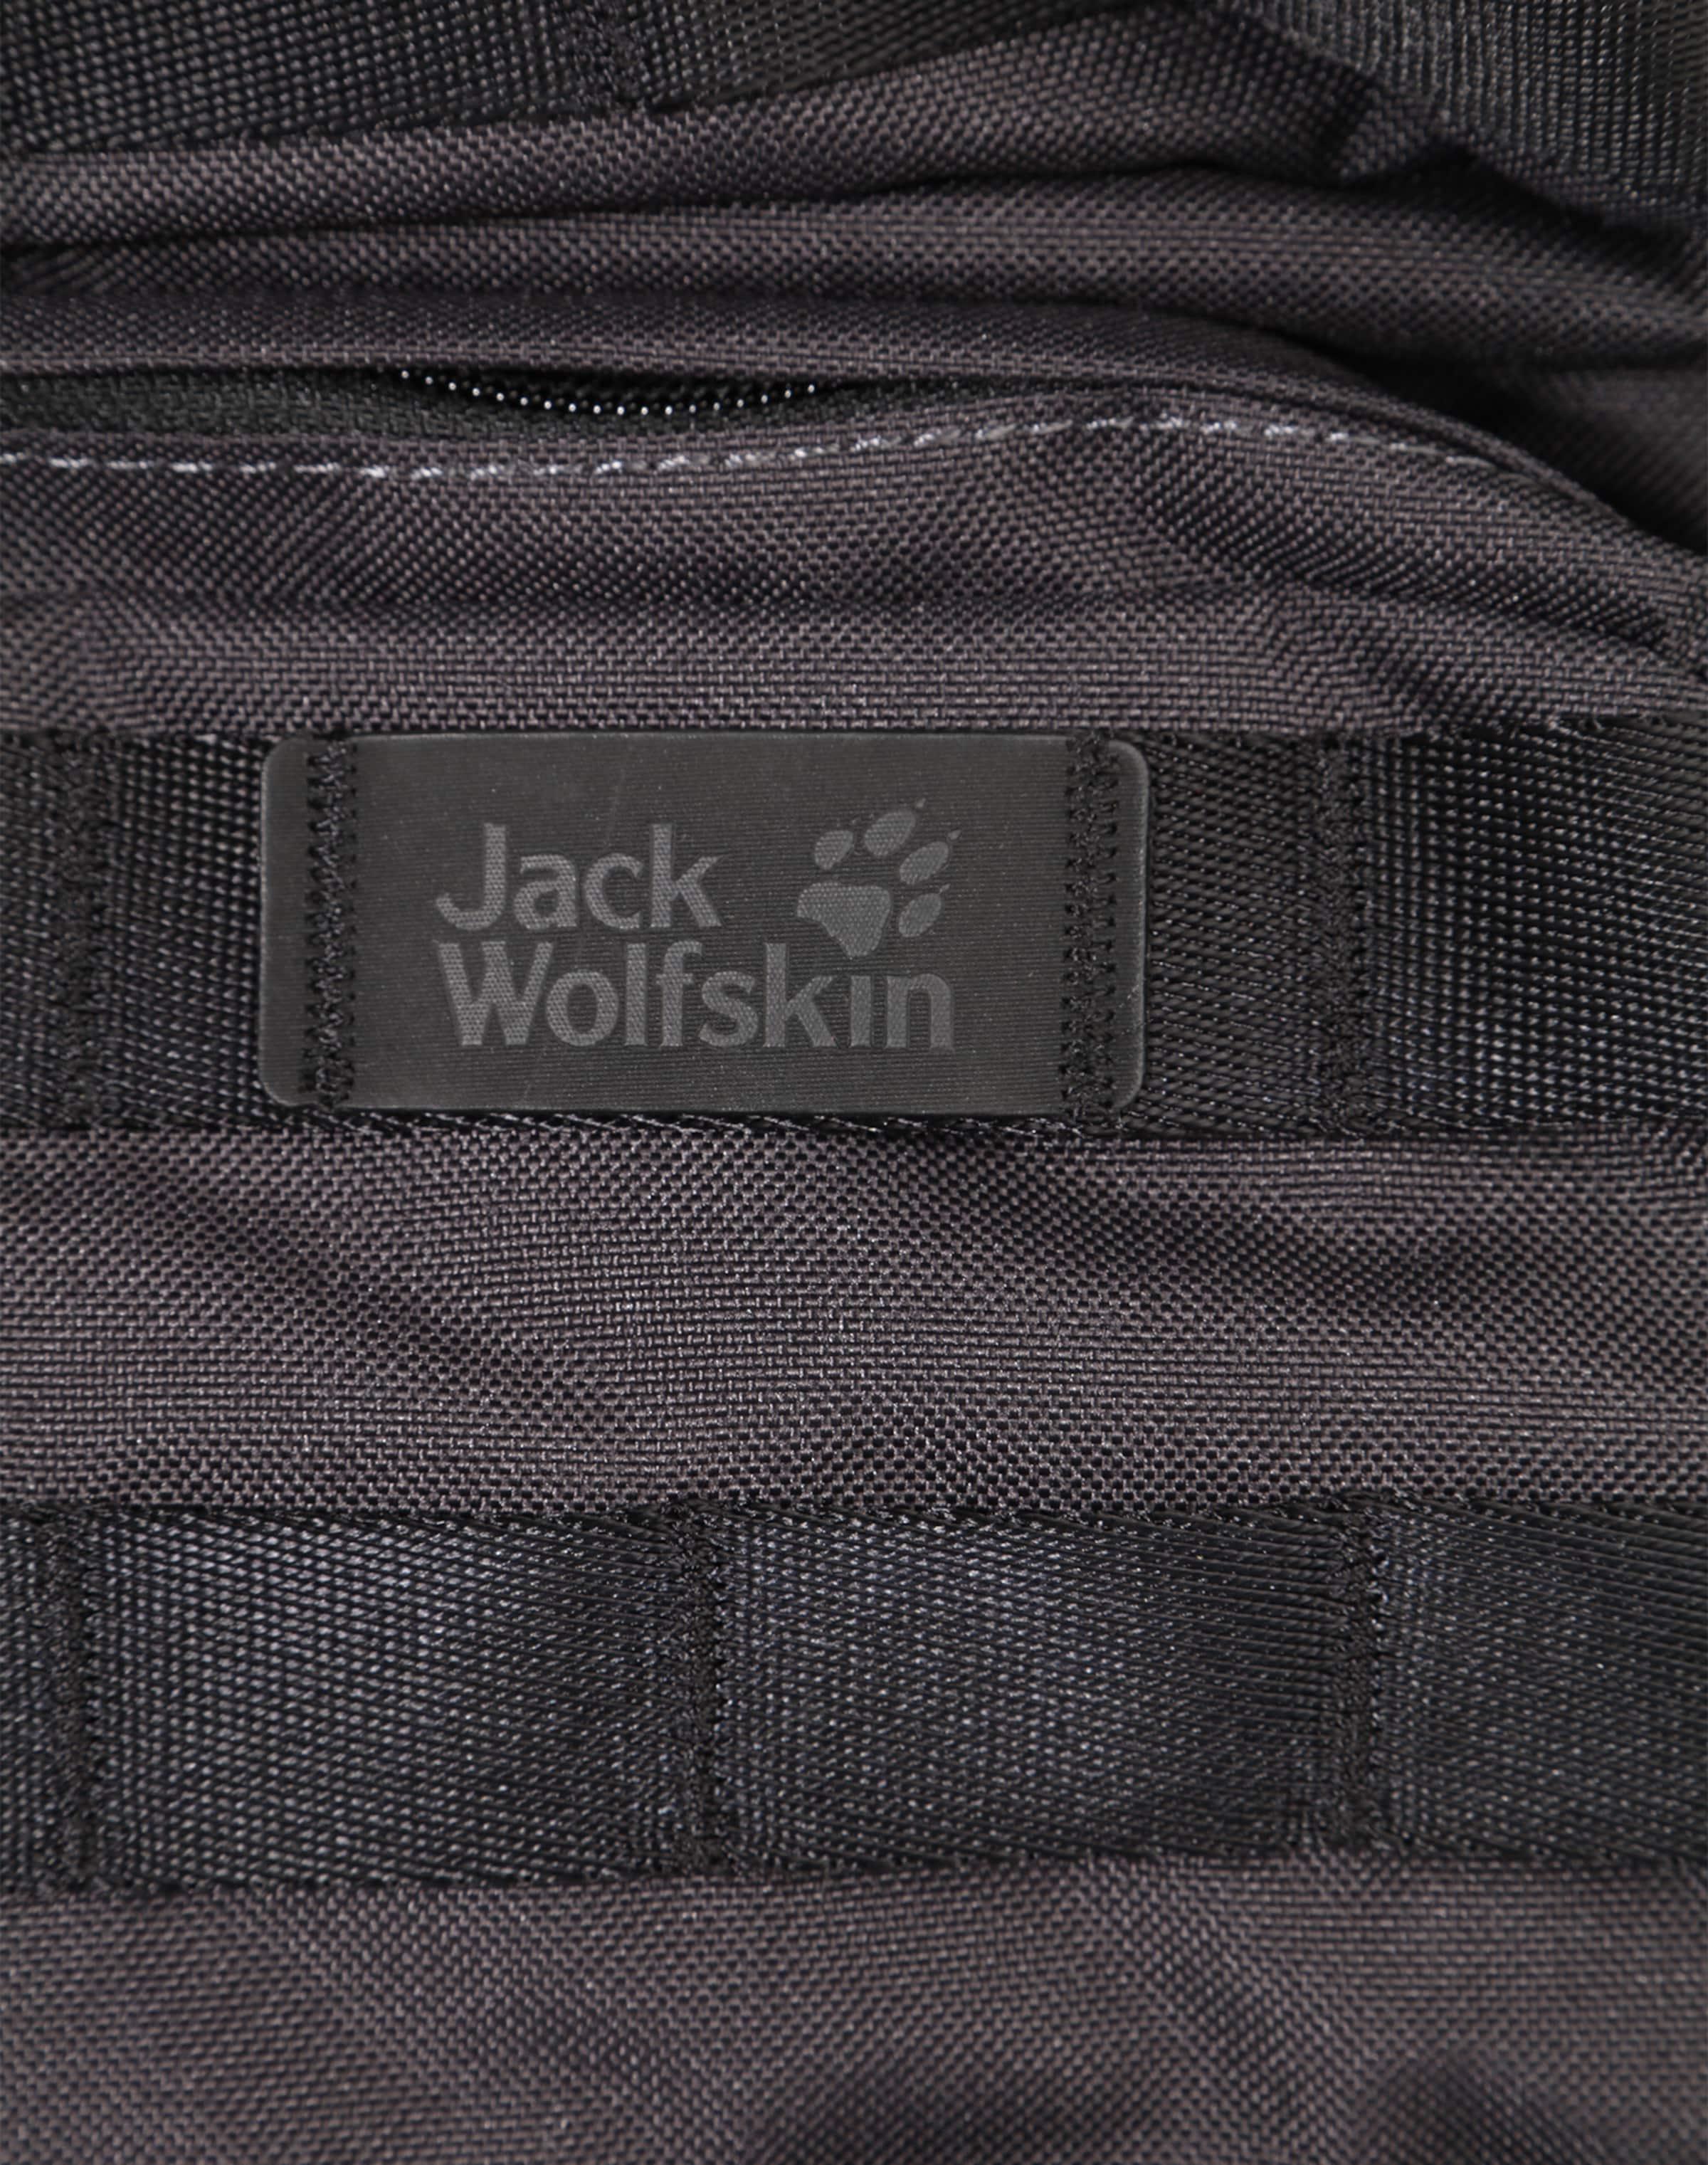 Rucksack WOLFSKIN JACK WOLFSKIN JACK 'TRT 'TRT Rucksack 32' BqZWUw1T